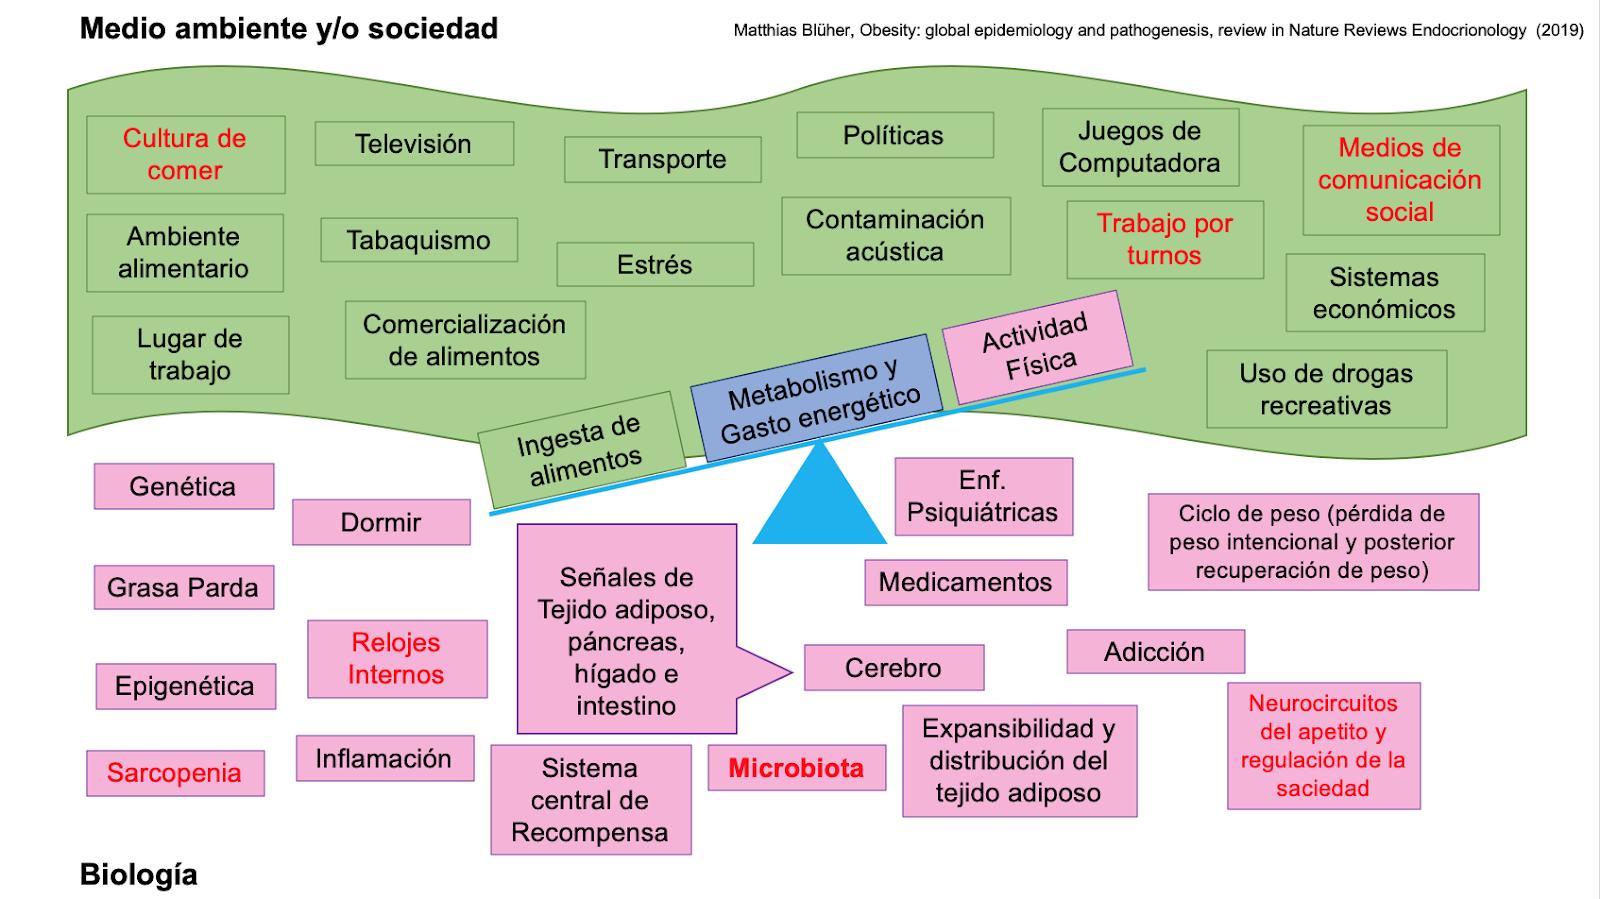 Medio Ambiente y Biologia